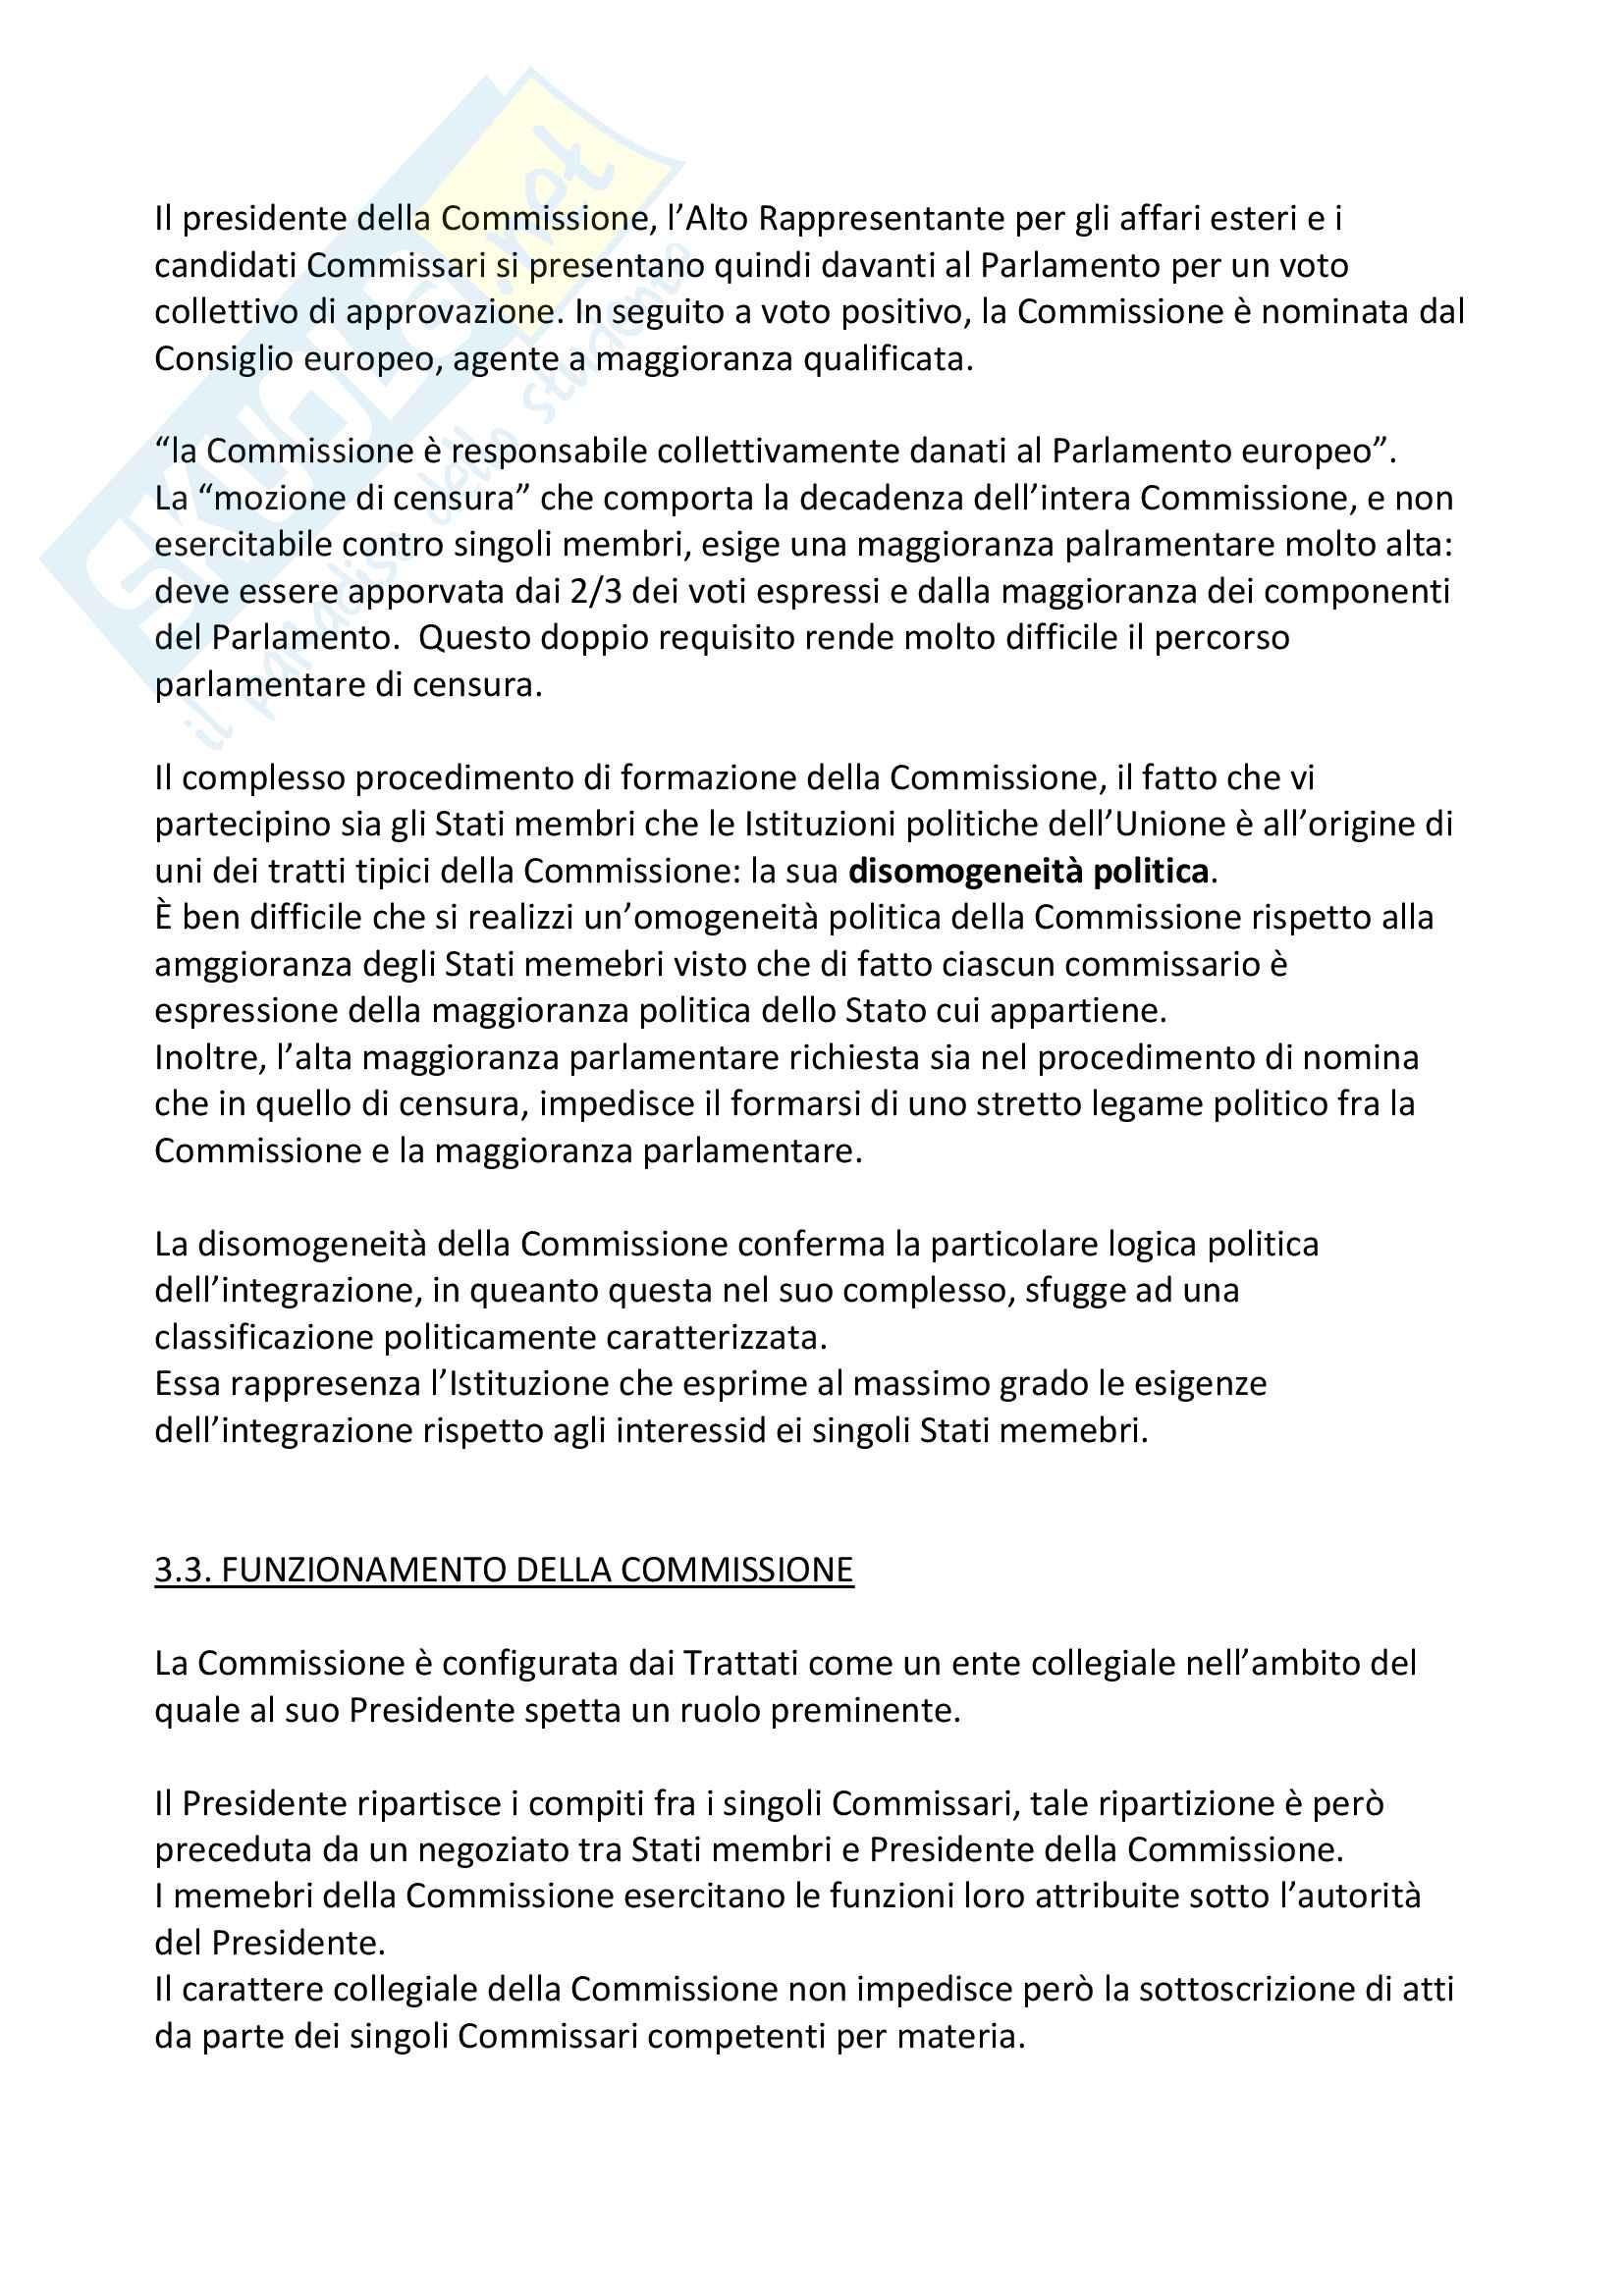 Le Istituzioni politiche dell'Unione Europea Pag. 6